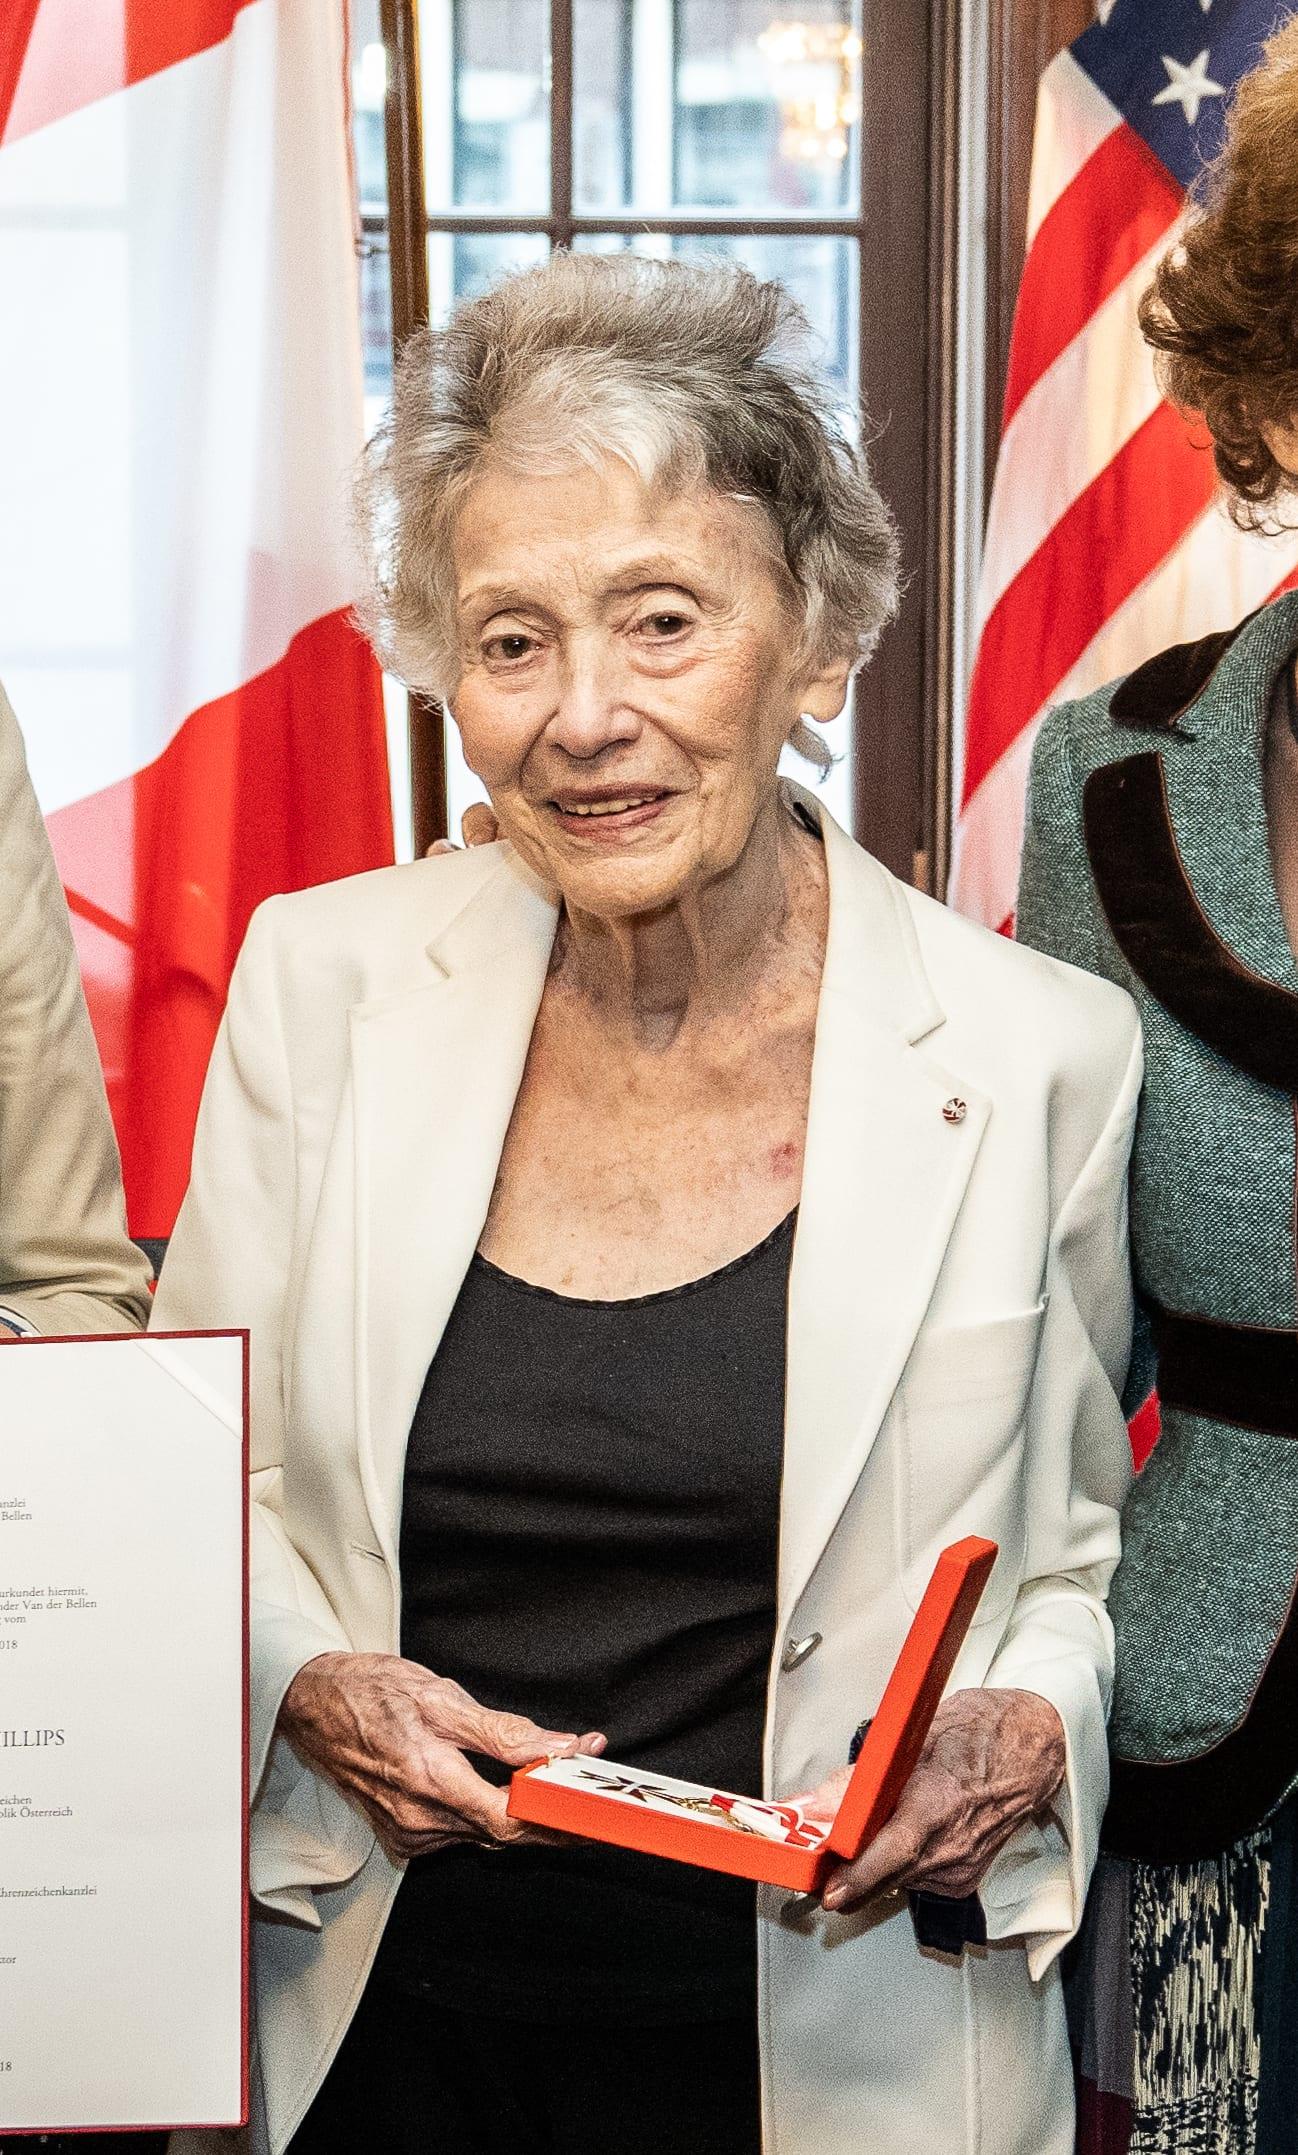 לילי רנה פיליפס (צילום: Bundesministerium für Europa, Integration und Äußeres)